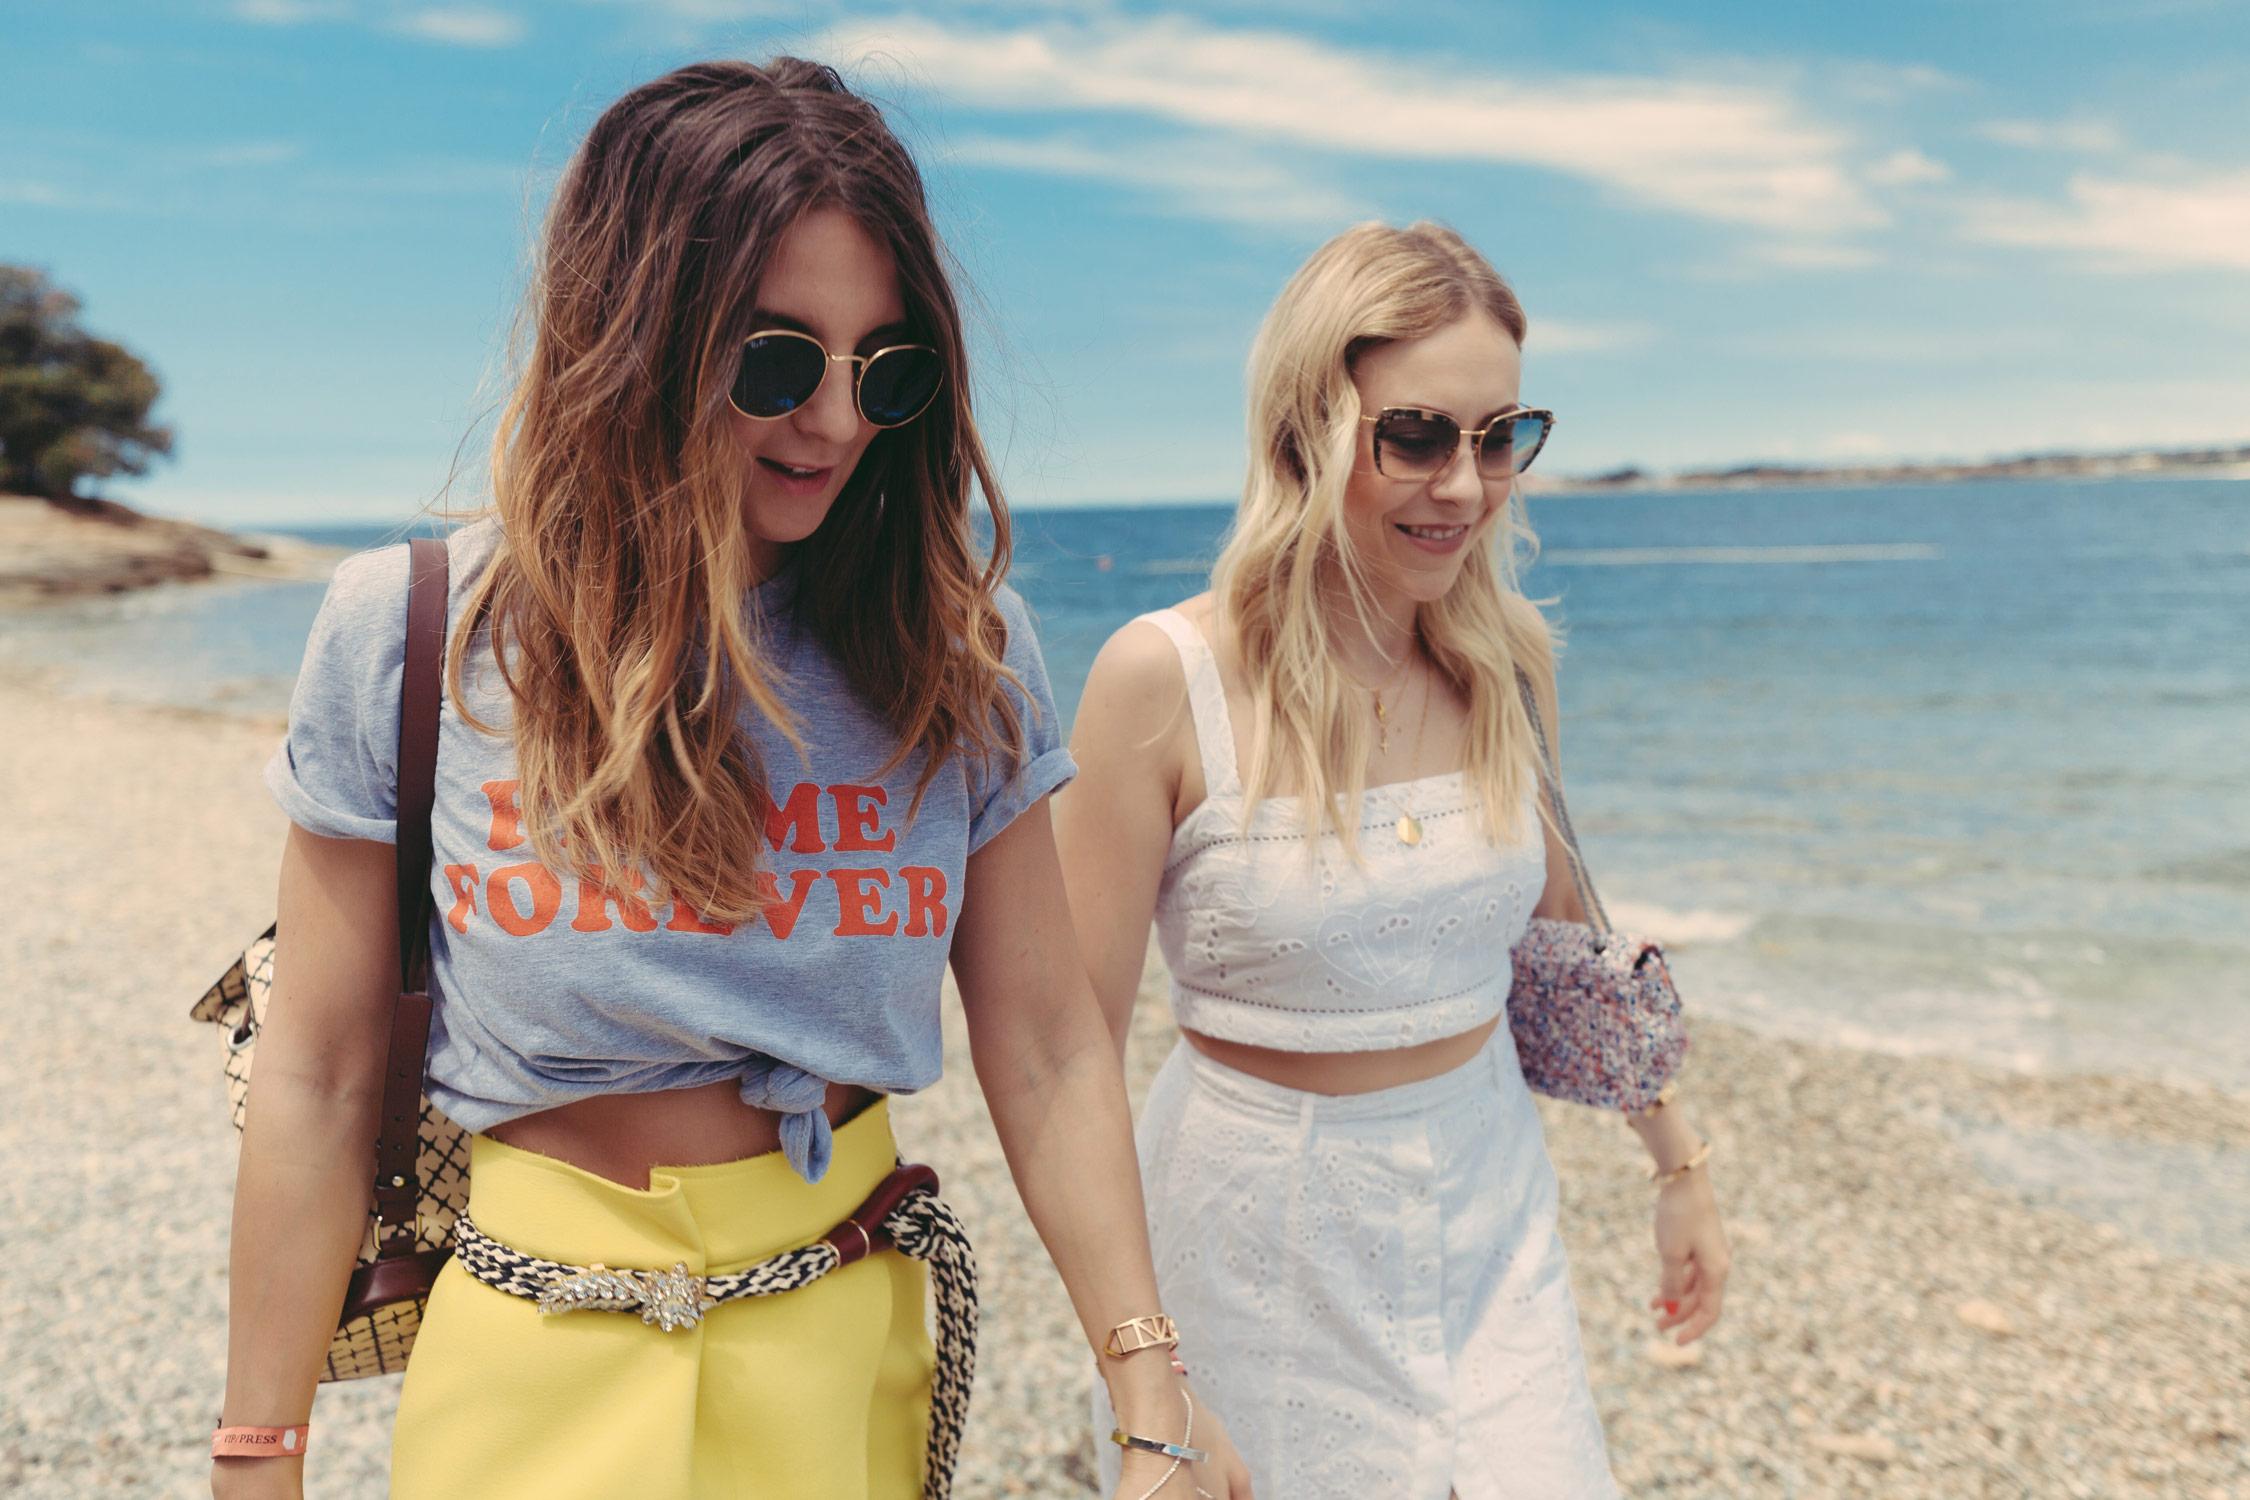 fashion blogger österreich, richtig abschalten, gelber rock, forever femme tshirt